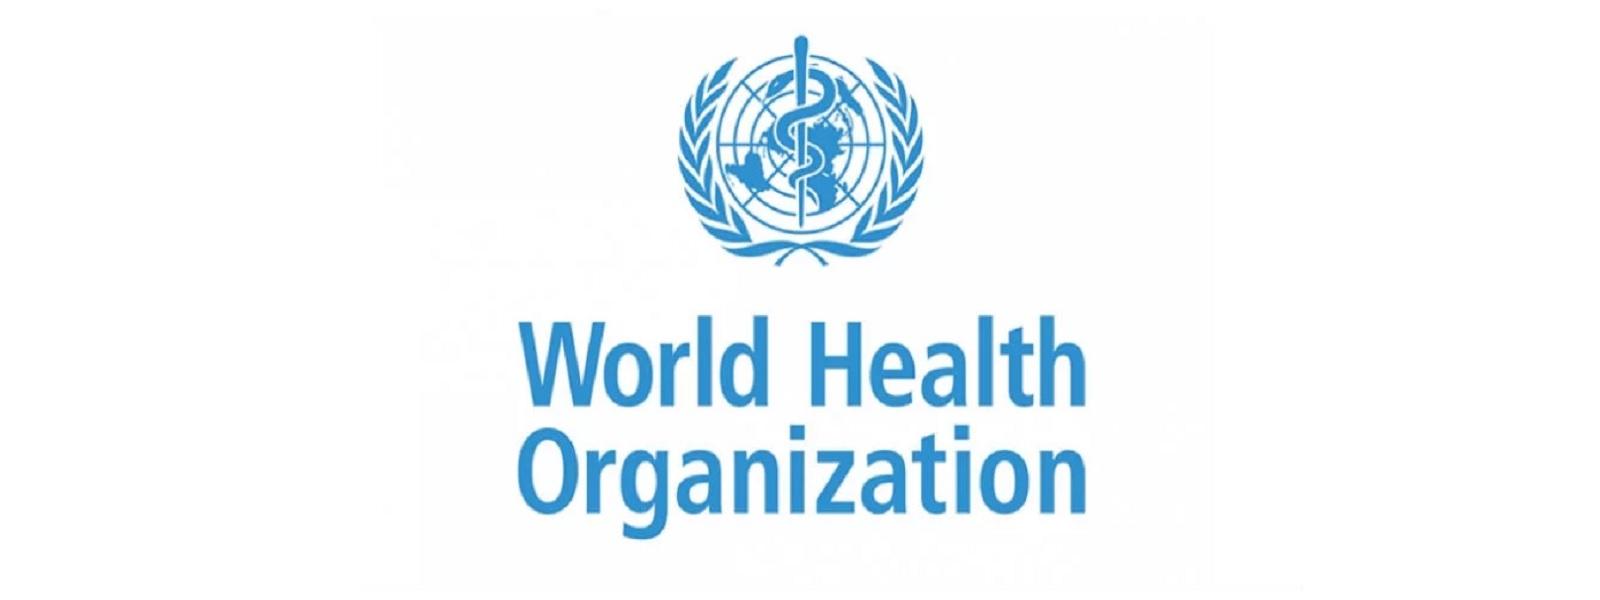 ரஷ்யாவின் கொரோனா தடுப்பூசி குறித்து கடுமையான ஆய்வு தேவை: உலக சுகாதார நிறுவனம்